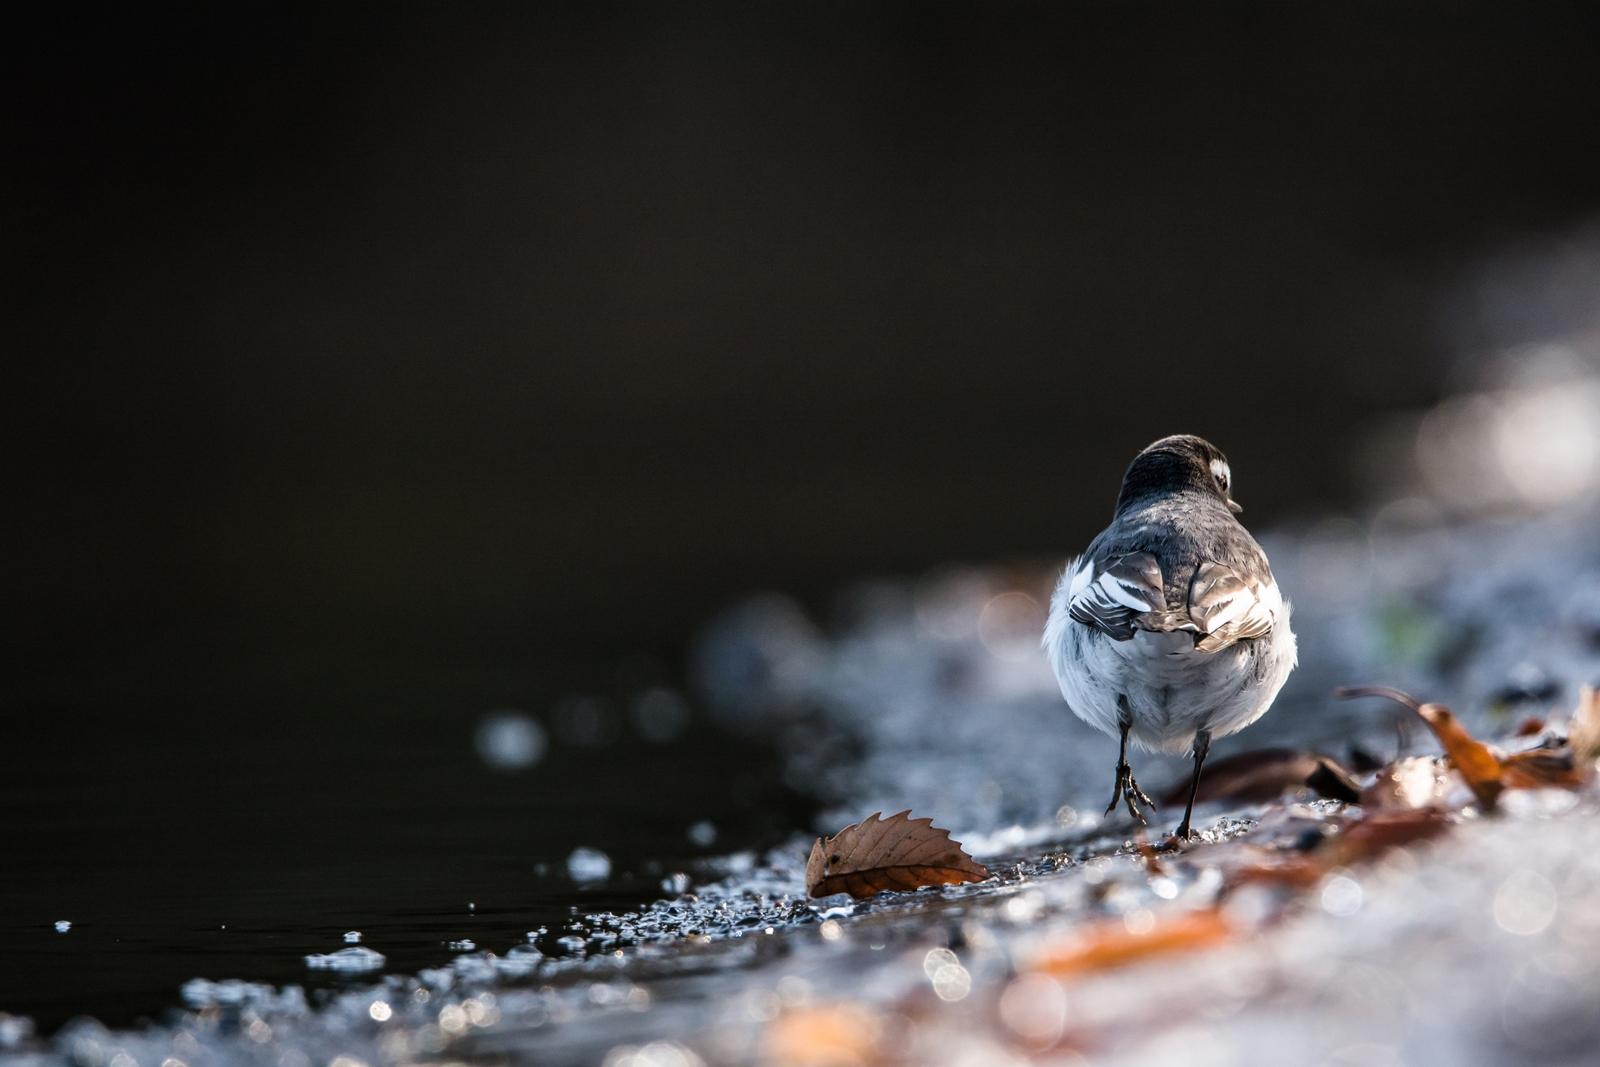 Photo: 黒色の時を抜けて Exit the darkness of time.  夜が明けて 周囲を光が満たしていく 黒色の時が終わり 先へと道が開けていく  Japanese Wagtail. (セグロセキレイ) #cooljapan #365cooljapanmay #birdphotography #birds #kawaii #sigma #JPCOGallerySpring2015 #日本の写真文化を海外へ  Nikon D7100 SIGMA 150-600mm F5-6.3 DG OS HSM Sports [ Day265, February 1st ]  -------------------------------------------------------- ★お知らせ① / Notice - 1 ★  何度がご紹介させていただいていますが、 いよいよ写真展の開催まで10日となりました!  準備も着々と進み、 公式ページやイベントページも立ち上がっています。 私も参加させていただいている 「日本の写真文化を海外へプロジェクト(JPCO)」の 会員31名の展示となります。 自分も一部の作品は目にしていますが、 とても素晴らしい作品が揃っています☆ 商業写真発祥の地である横浜を舞台に 海外へと日本の写真文化の素晴らしさを発信できるような 魅力ある展示となると思います! また素敵なゲスト作家さんも参加されていますので、 この機会に足を運んでいただき たっぷりと楽しんでいただけたらと思います。  『JPCO Gallery Spring 2015 / 日本の写真文化を海外へ』 < http://islandgallery.jp/10839 >  会期:2月11日(水)~22日(日) 11:00~19:00 (最終日は16:00まで) 会場:みなとみらい駅前サブウェイギャラリーM (https://www.mm21railway.jp/reservation/) ゲスト作家:田中長徳さん 坂崎幸之助さん(THE ALFEE) 高崎勉さん 山本高裕さん  この展示に合わせて行われるコンテスト 『JPCO Gallery Spring 2015 女子フォトコンテスト』 の入賞者3名の作品も会場で展示します。  2月11日(水・祝)には、 オープニングレセプションも開催します。 17:00-18:00 / 入場無料 予約不要 (レセプションの模様はYouTubeに保存されます)  「フォト・ヨコハマ2015」 < http://www.photoyokohama.com/ >  FaceBookイベントページ < https://www.facebook.com/events/341646709377353/ >  +日本の写真文化を海外へプロジェクト/Japanese Photo Culture to Overseas (JPCO)  私の在廊予定は現在のところ以下の予定です。 11日(水・祝) : 終日 14(土) 15(日) : 13:00~19:00 22(日) : 13:00~16:00  ------------------------------------------------------ ★お知らせ② / Notice - 2 ★  こちらも先日お伝えしましたが、 みなとみらいで開催されるCP+2015では マルマンさんのブースで 私の作品が2点、 見本展示として使用していただけることとなりました。 マルマンさんの取り扱っている 『Canson Infinity(キャンソン・インフィニティ)』という とても素敵なフォトペーパー、 その12シリーズが並び、 色の乗りや質感など、 見比べるのもとても楽しいと思います♪ ぜひぜひこちらにも訪れ見ていただけたら幸いです。  「CP+2015」 < http://www.cpplus.jp/ > 会期:2月12日(木)~15日(日) 10:00~18:00 (最終日は17:00まで) 会場:パシフィコ横浜  「マルマンFacebookページ」 < http://goo.gl/aW6Vag >  「キャンソン インフィニティ」 < http://goo.gl/SRWg9I > ------------------------------------------------------